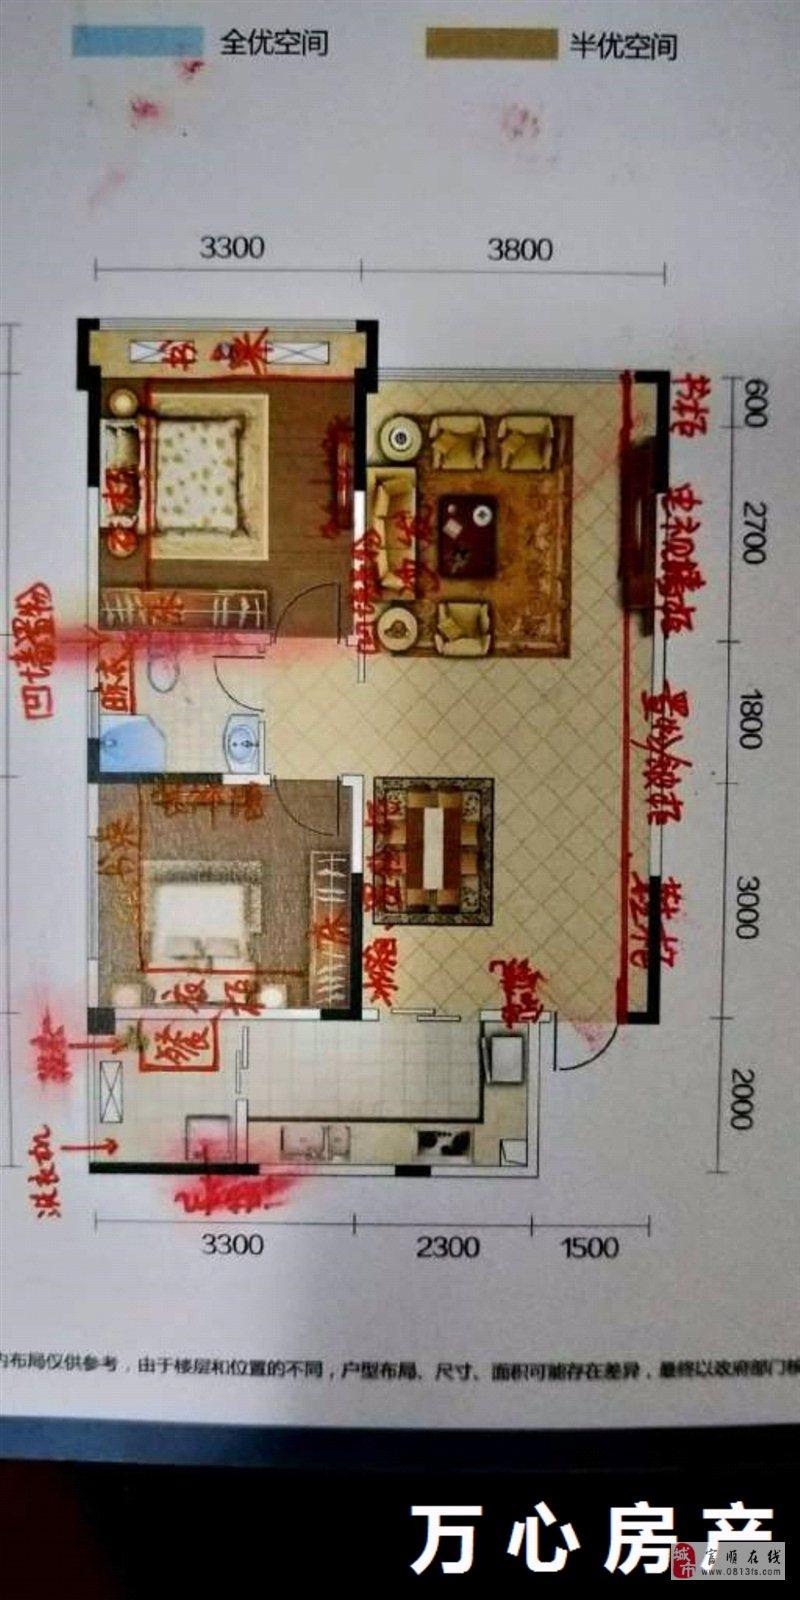 北湖未来城2室2厅1卫准现房43万元